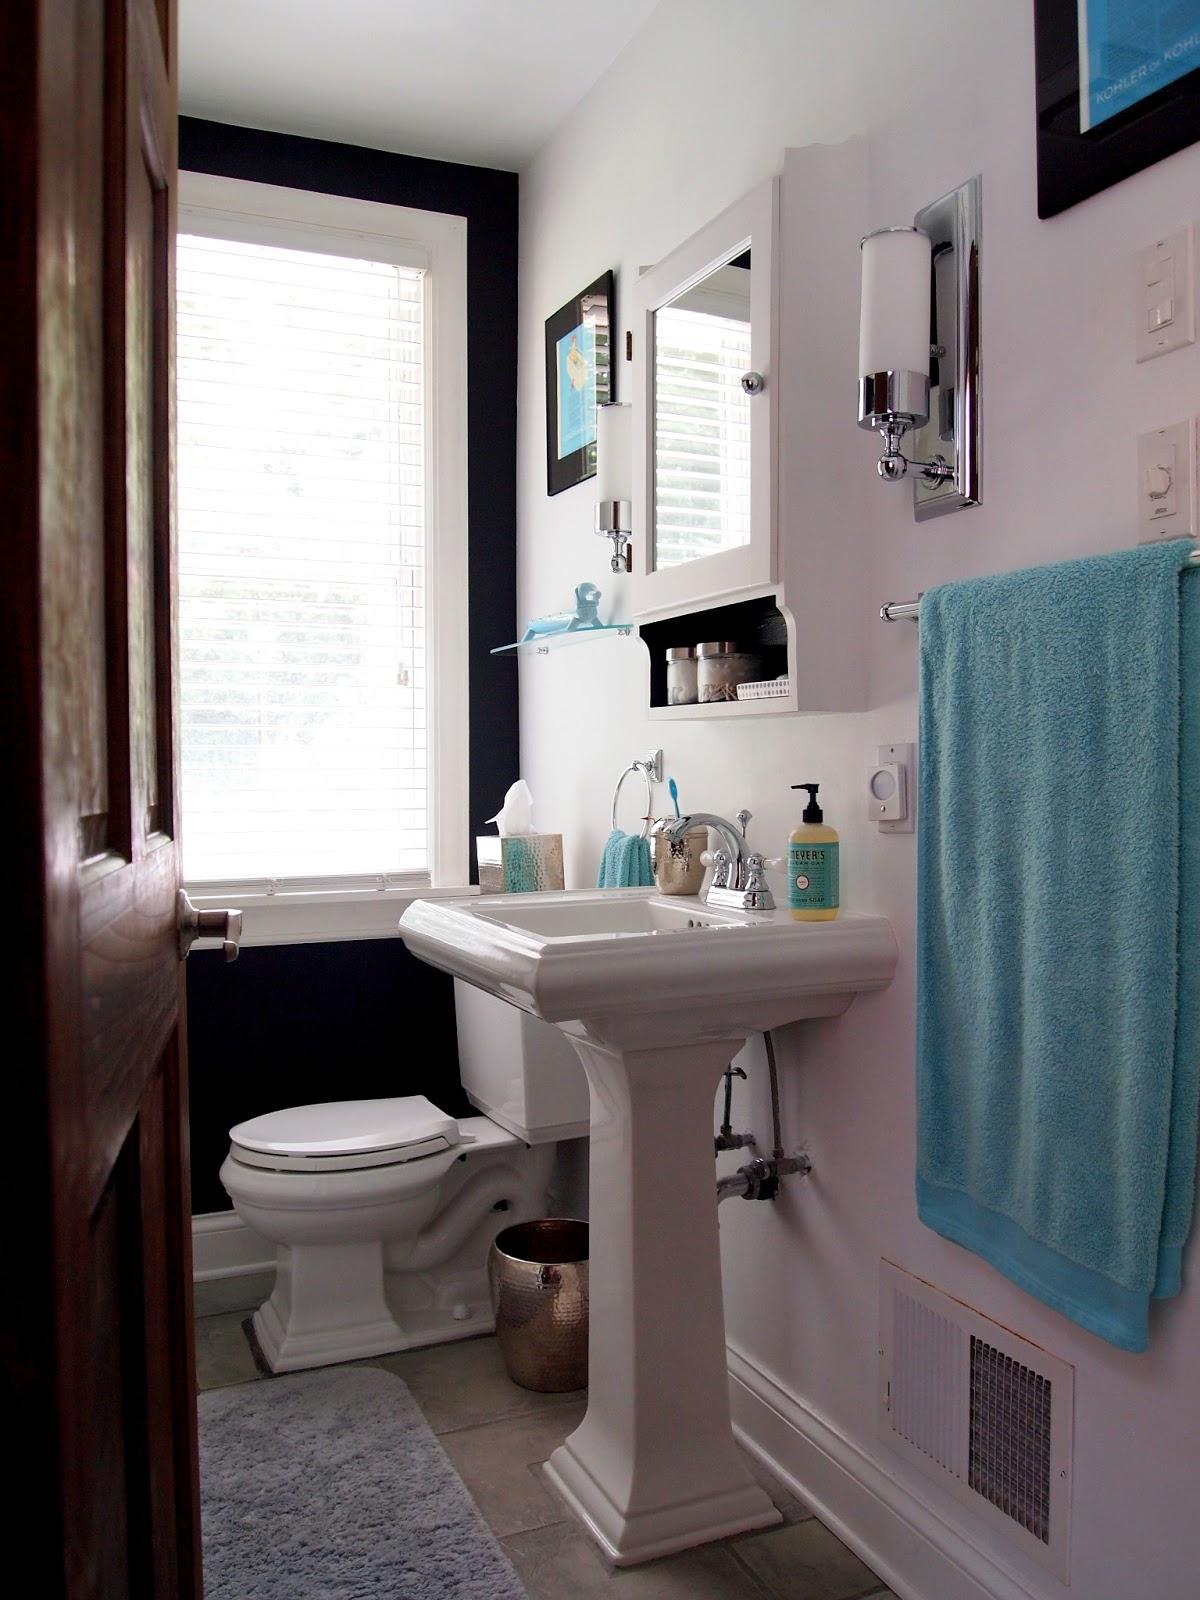 Combathroom Updates : Cozy Little Cave: Upstairs Bathroom Updates